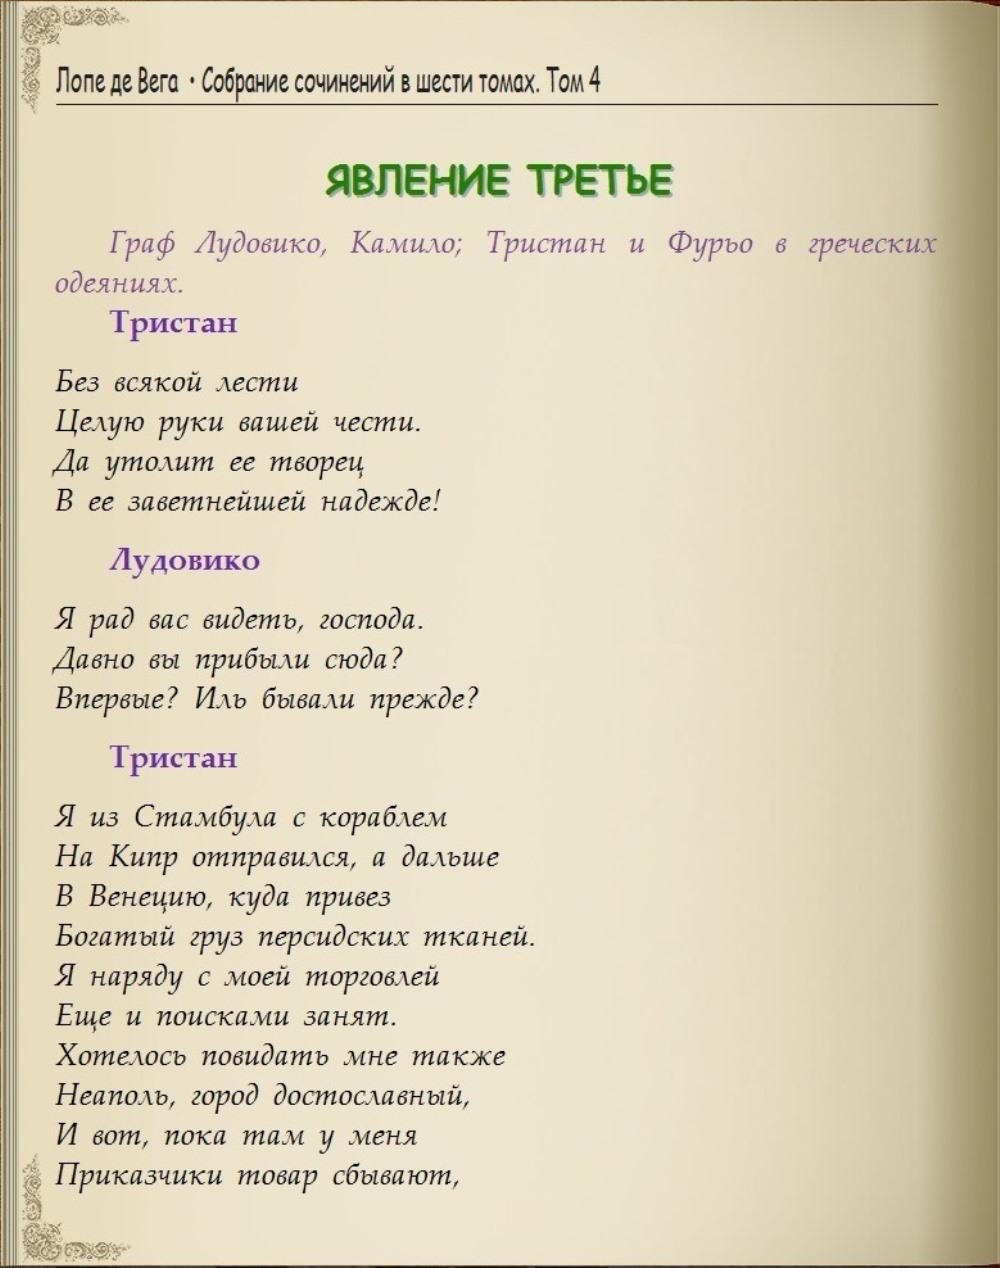 http://i2.imageban.ru/out/2013/11/07/68757a2e1bc90053360906ace5b814b2.jpg